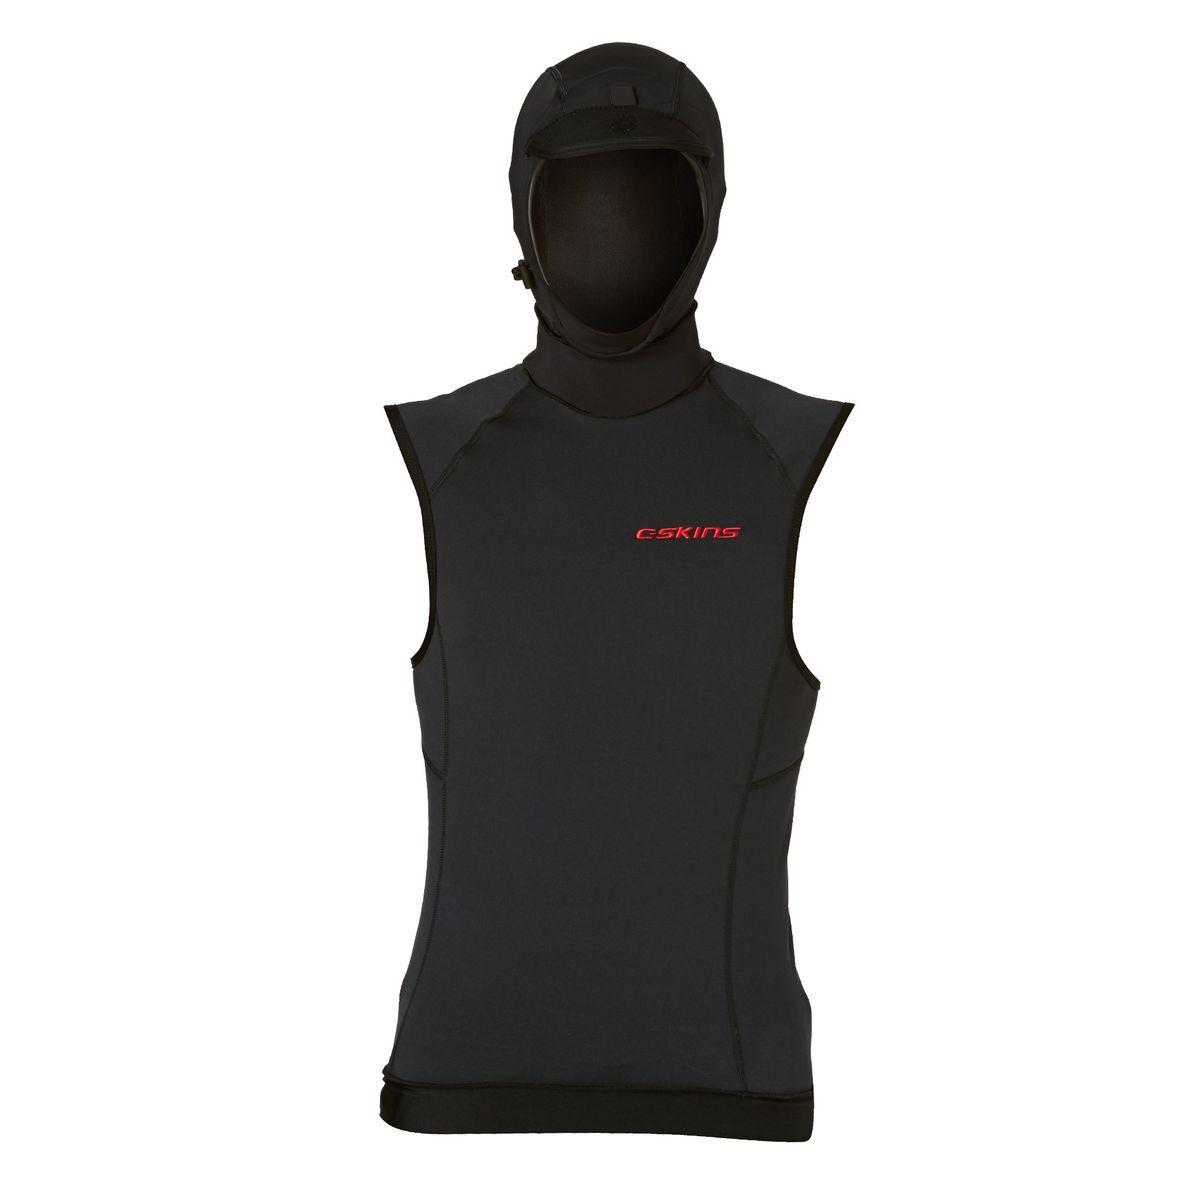 C-Skins 2017 HDi Thermal Hooded Rash Vest - Black